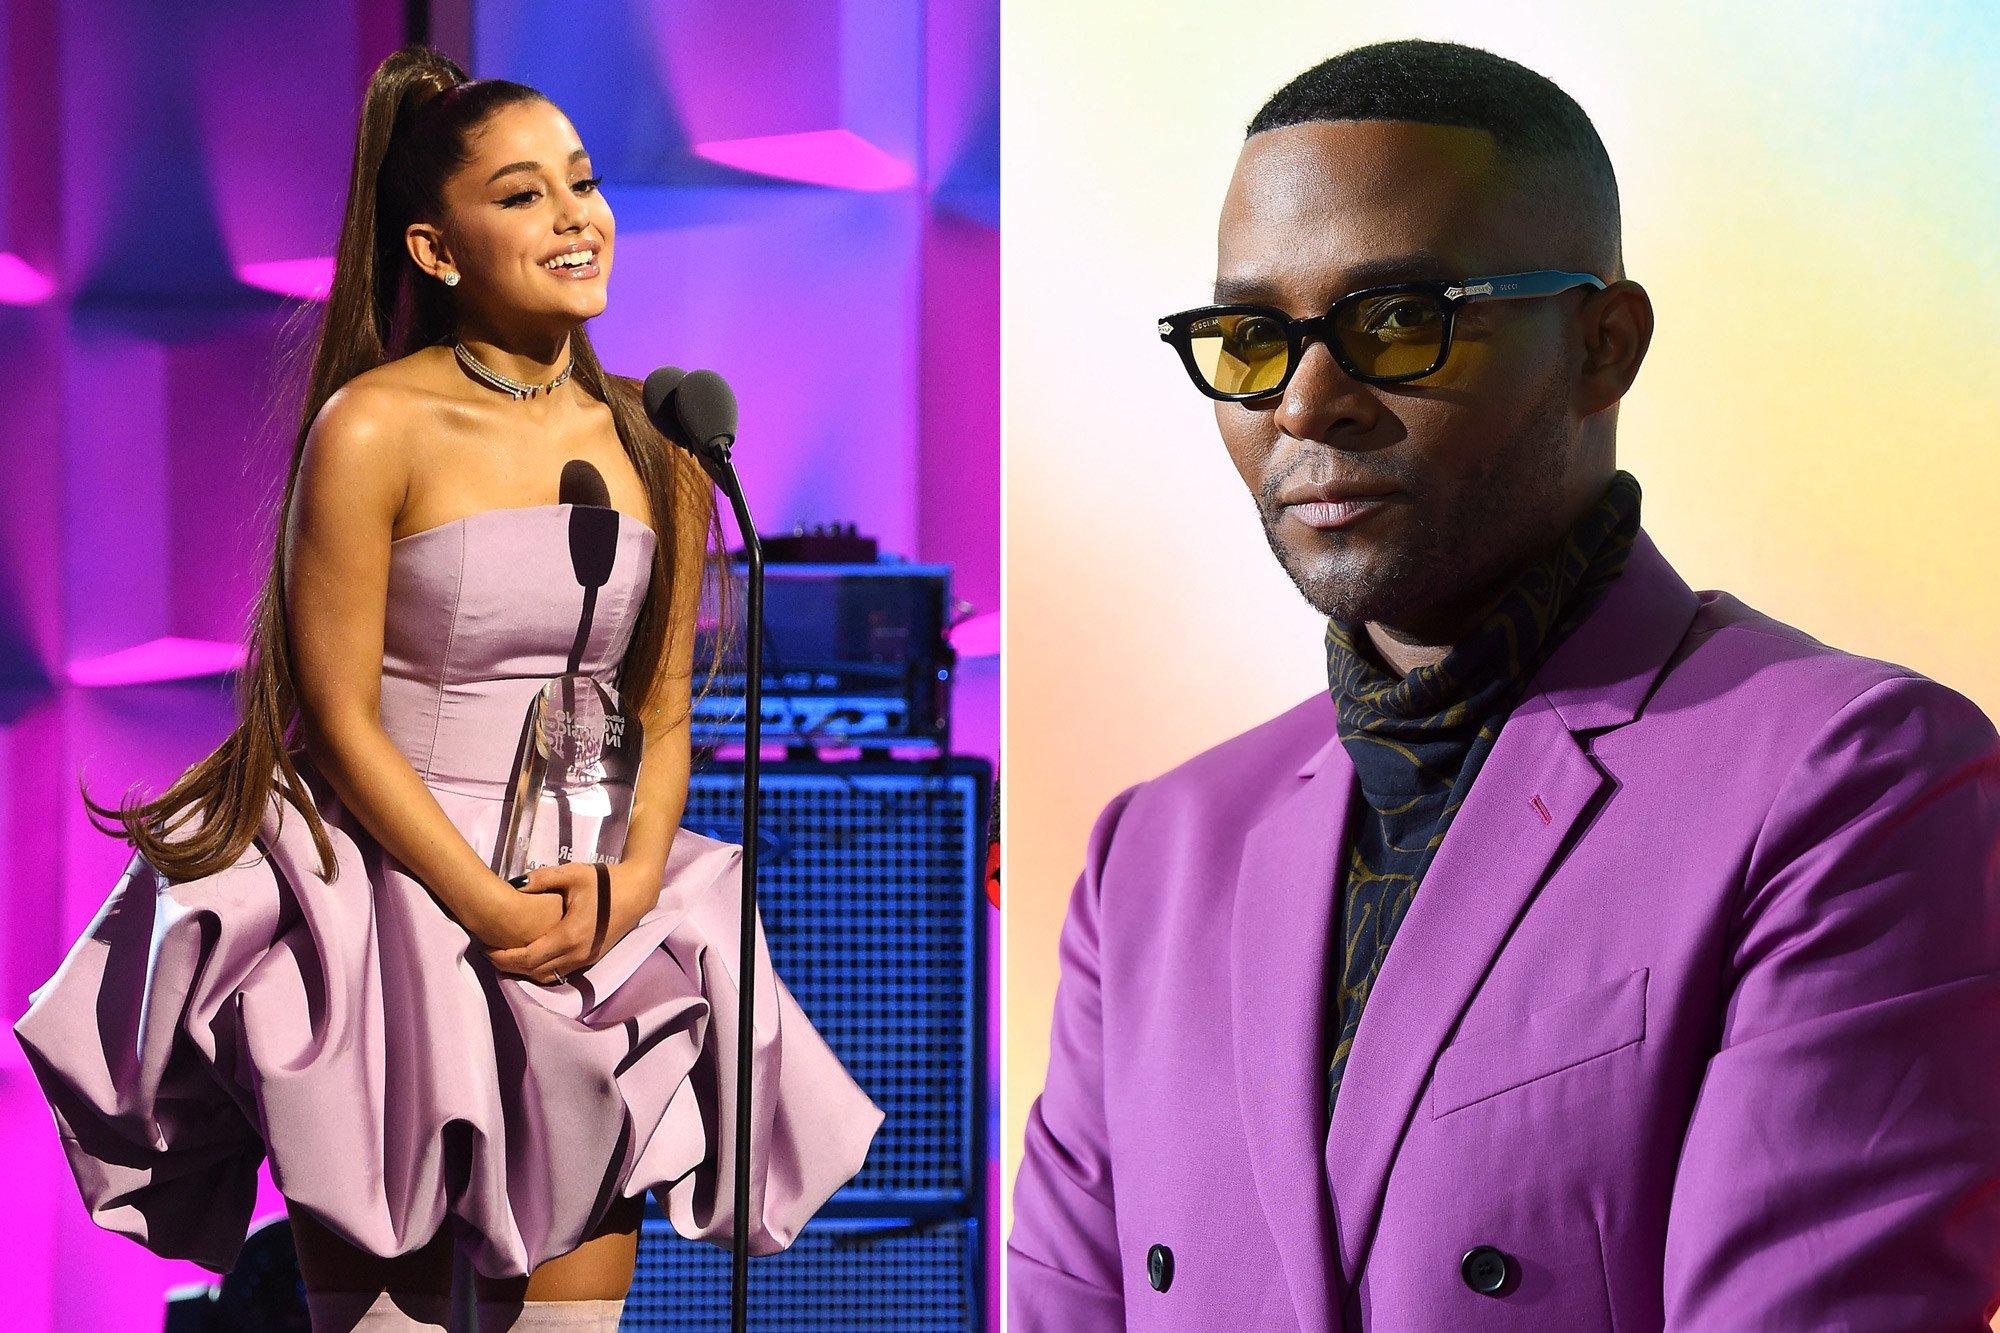 Ariana Grande's stylist Law Roach talks 'Sweetener' tour